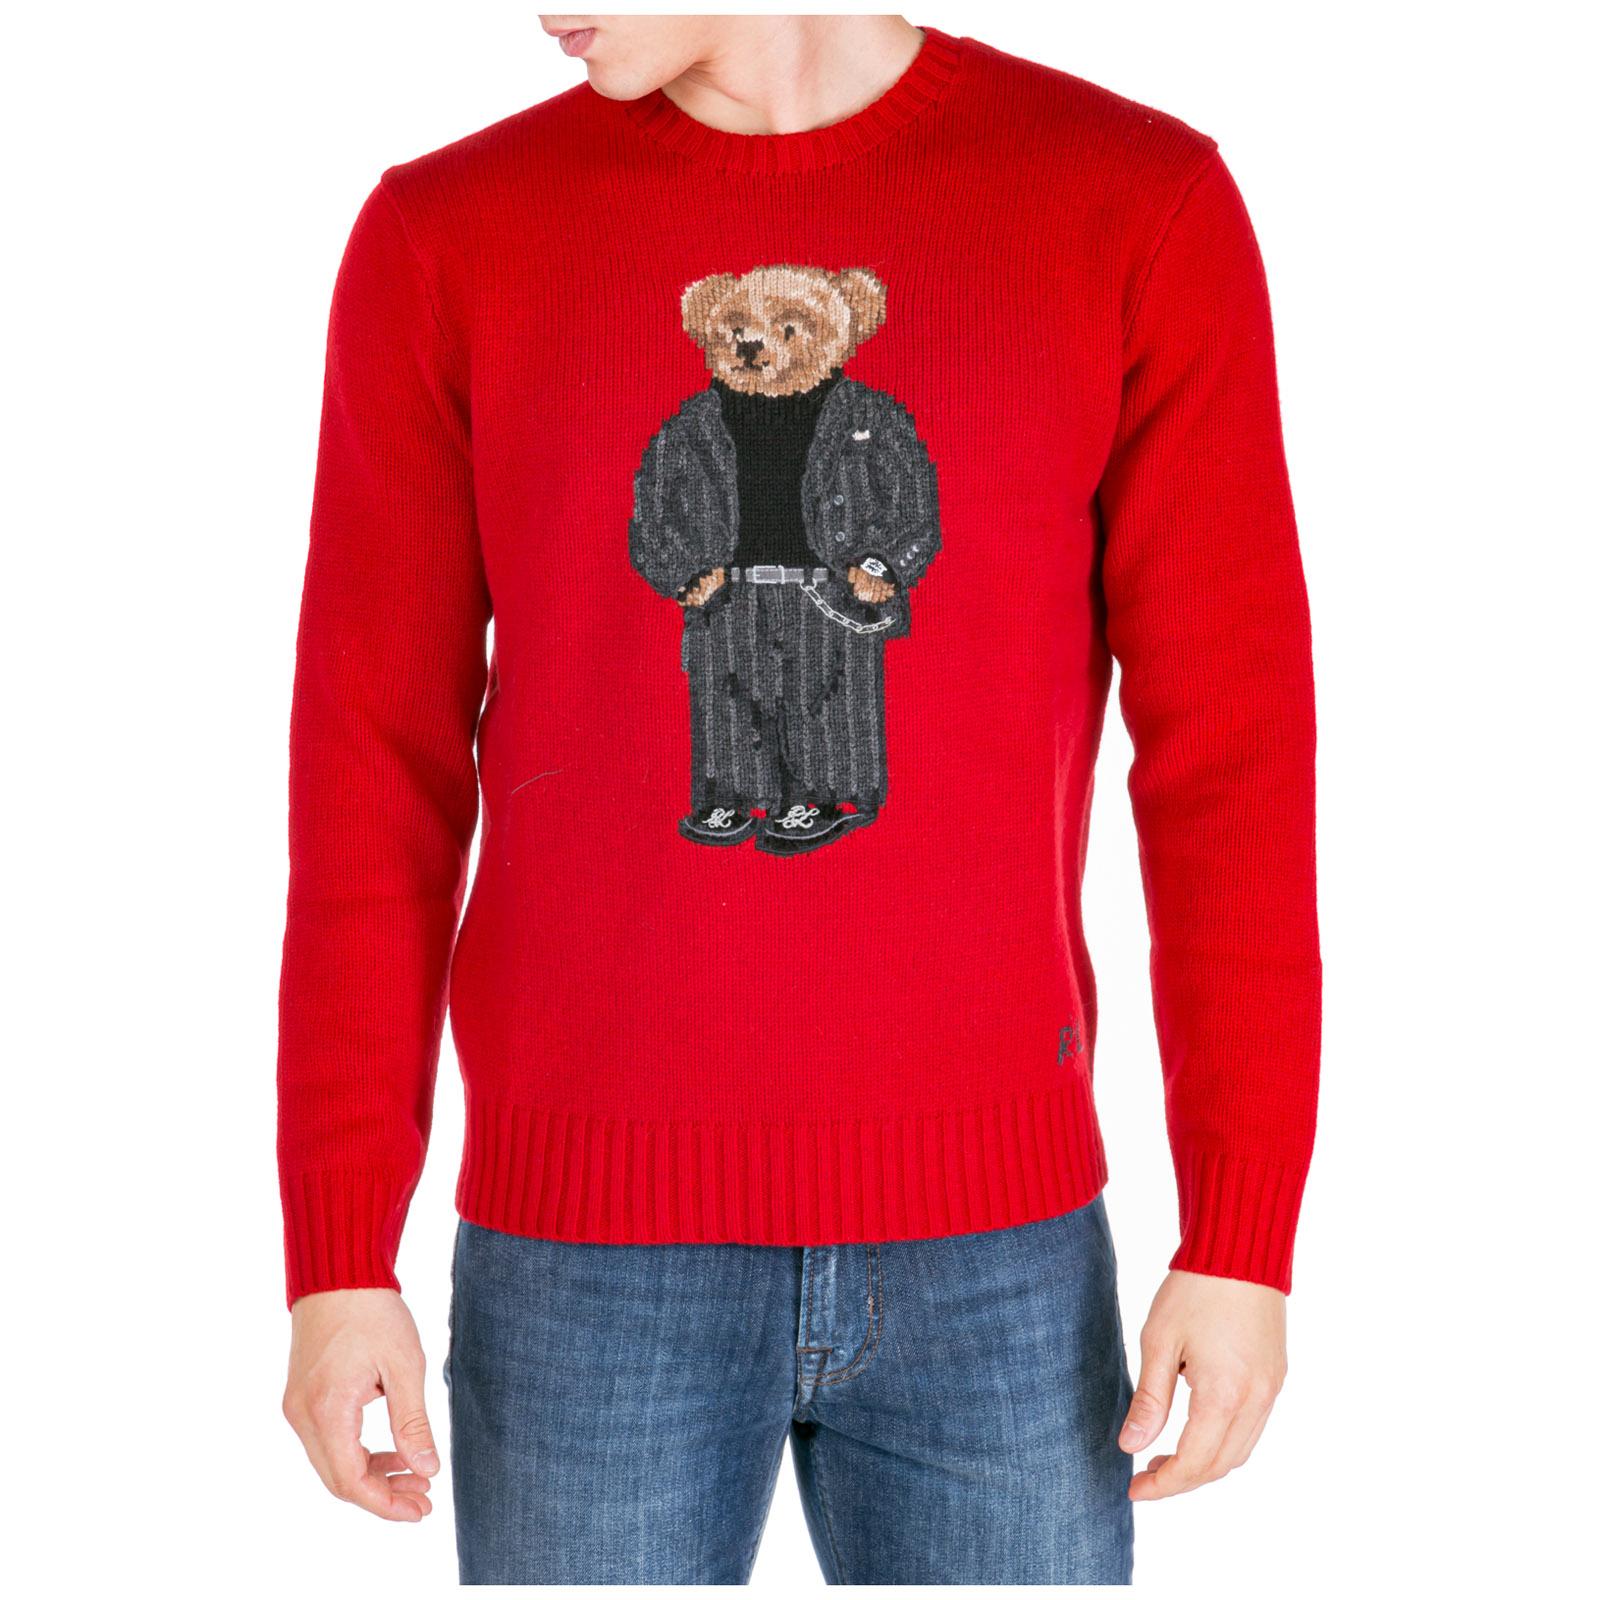 rivenditore online 7a590 36841 Maglione Polo Ralph Lauren bear 710766112001 rosso   FRMODA.com